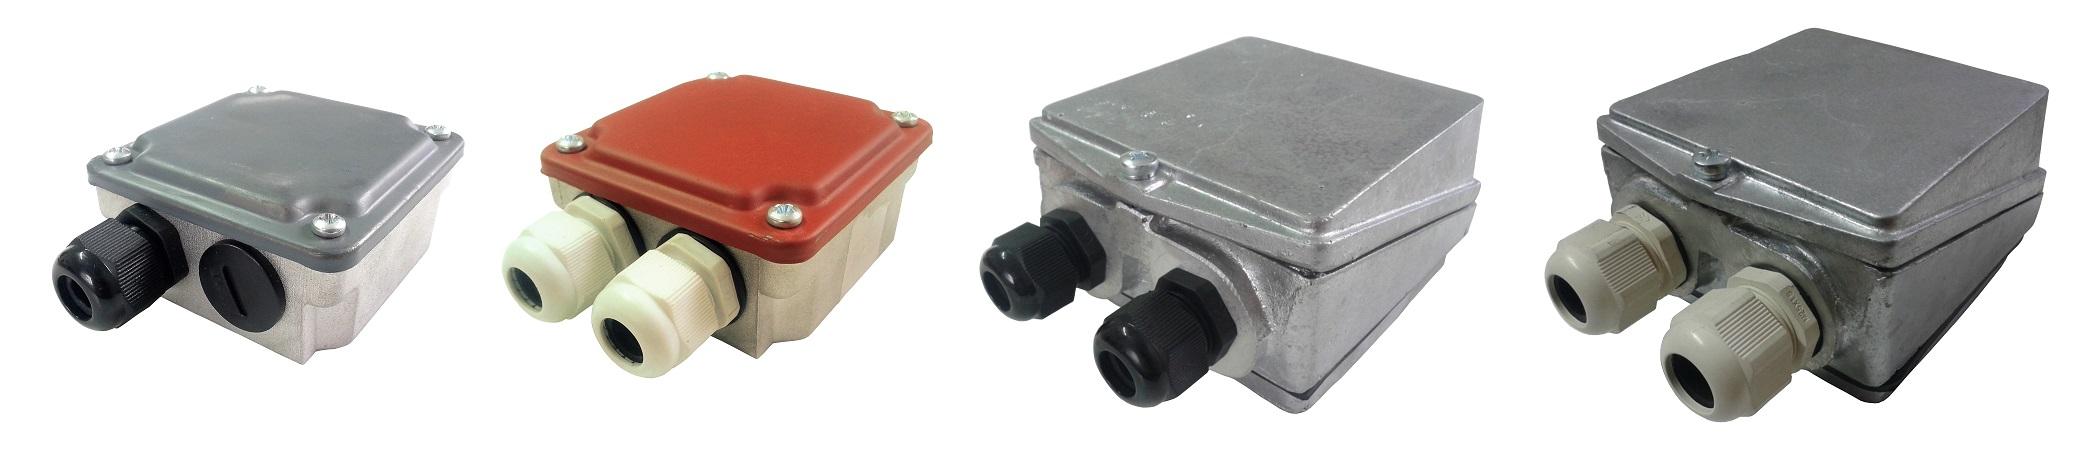 Skrzynka elektryczna, puszka przyłączeniowa, puszka do silnika elektrycznego